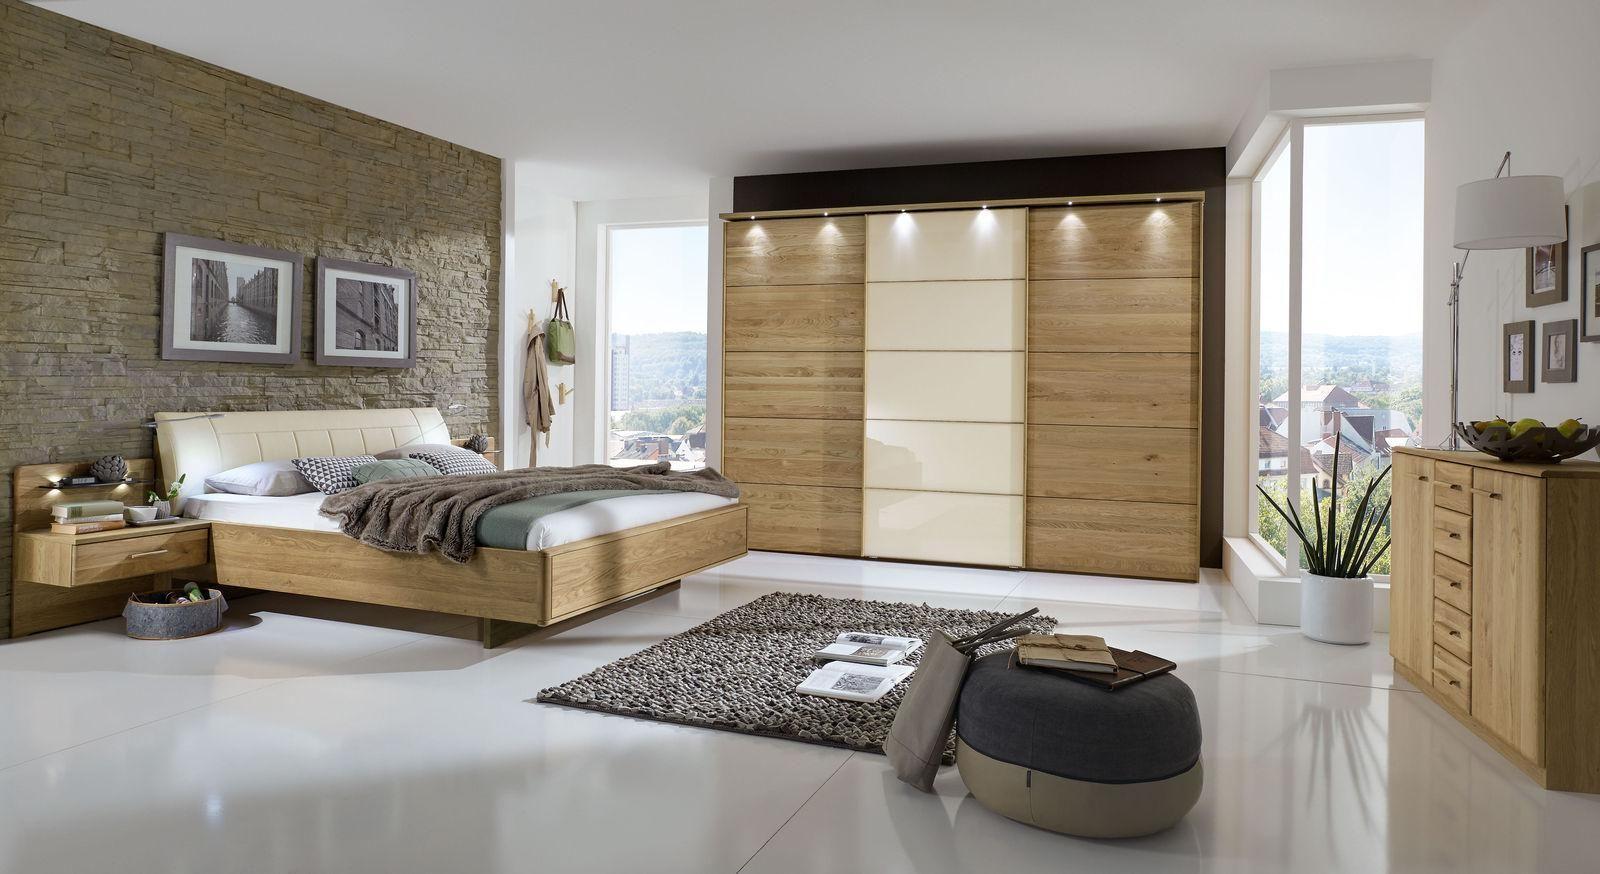 Schlafzimmer Komplett Ikea